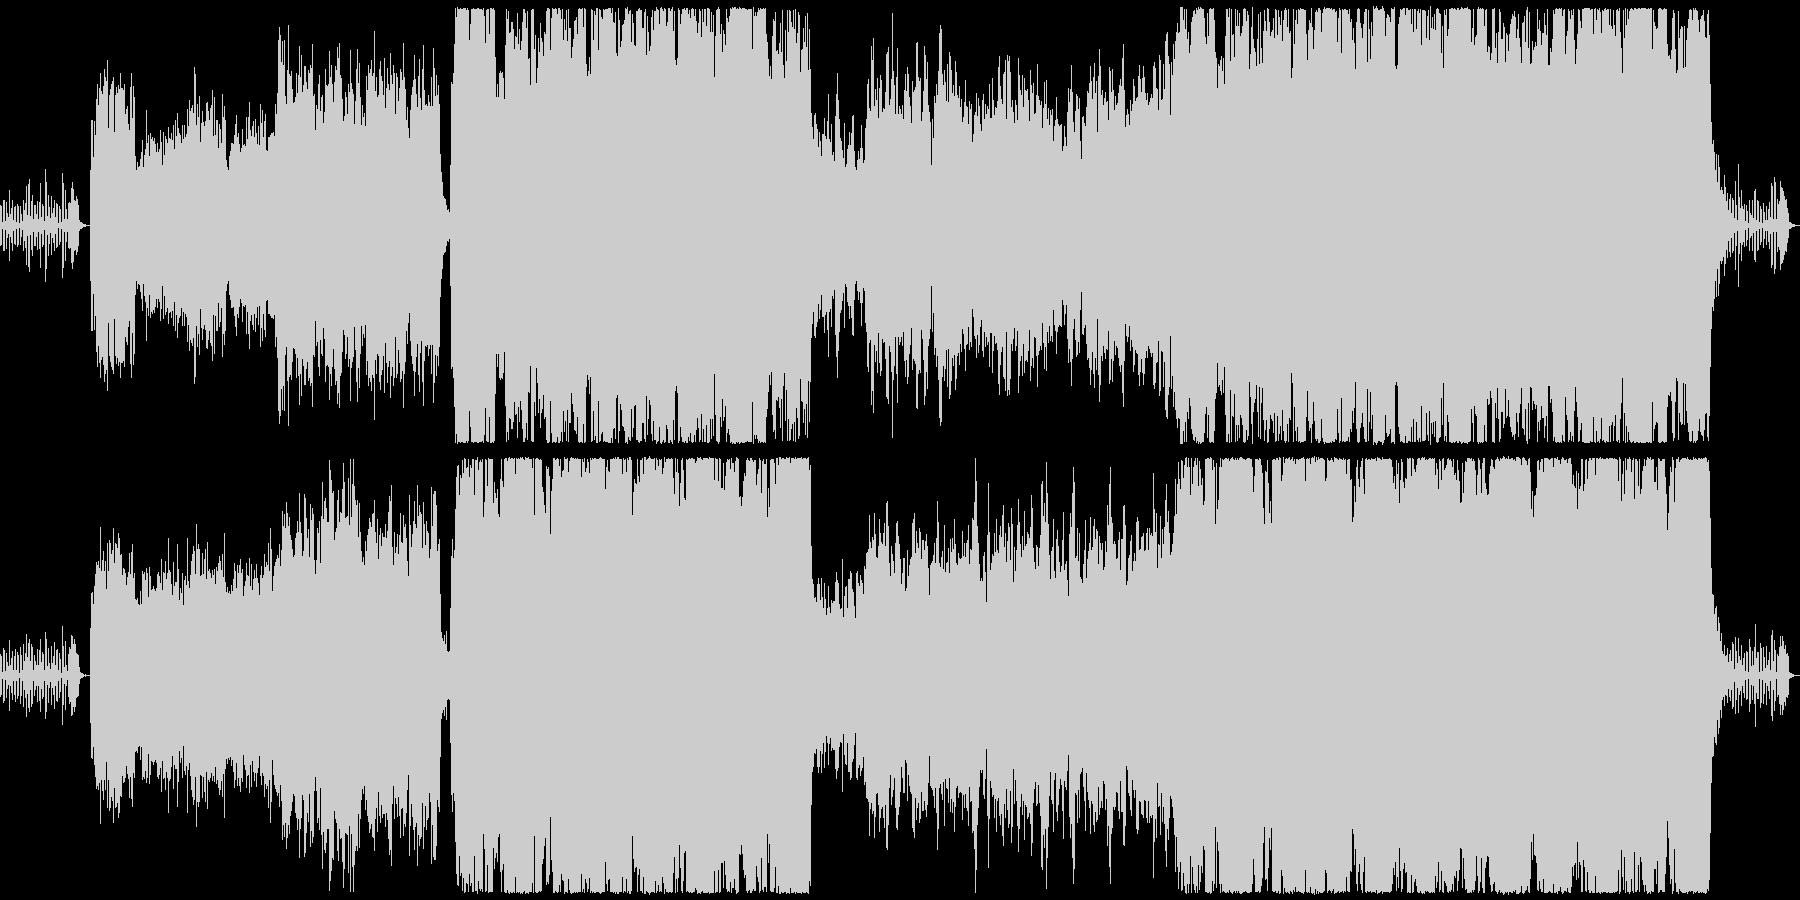 【ダークな雰囲気のクラシック】の未再生の波形